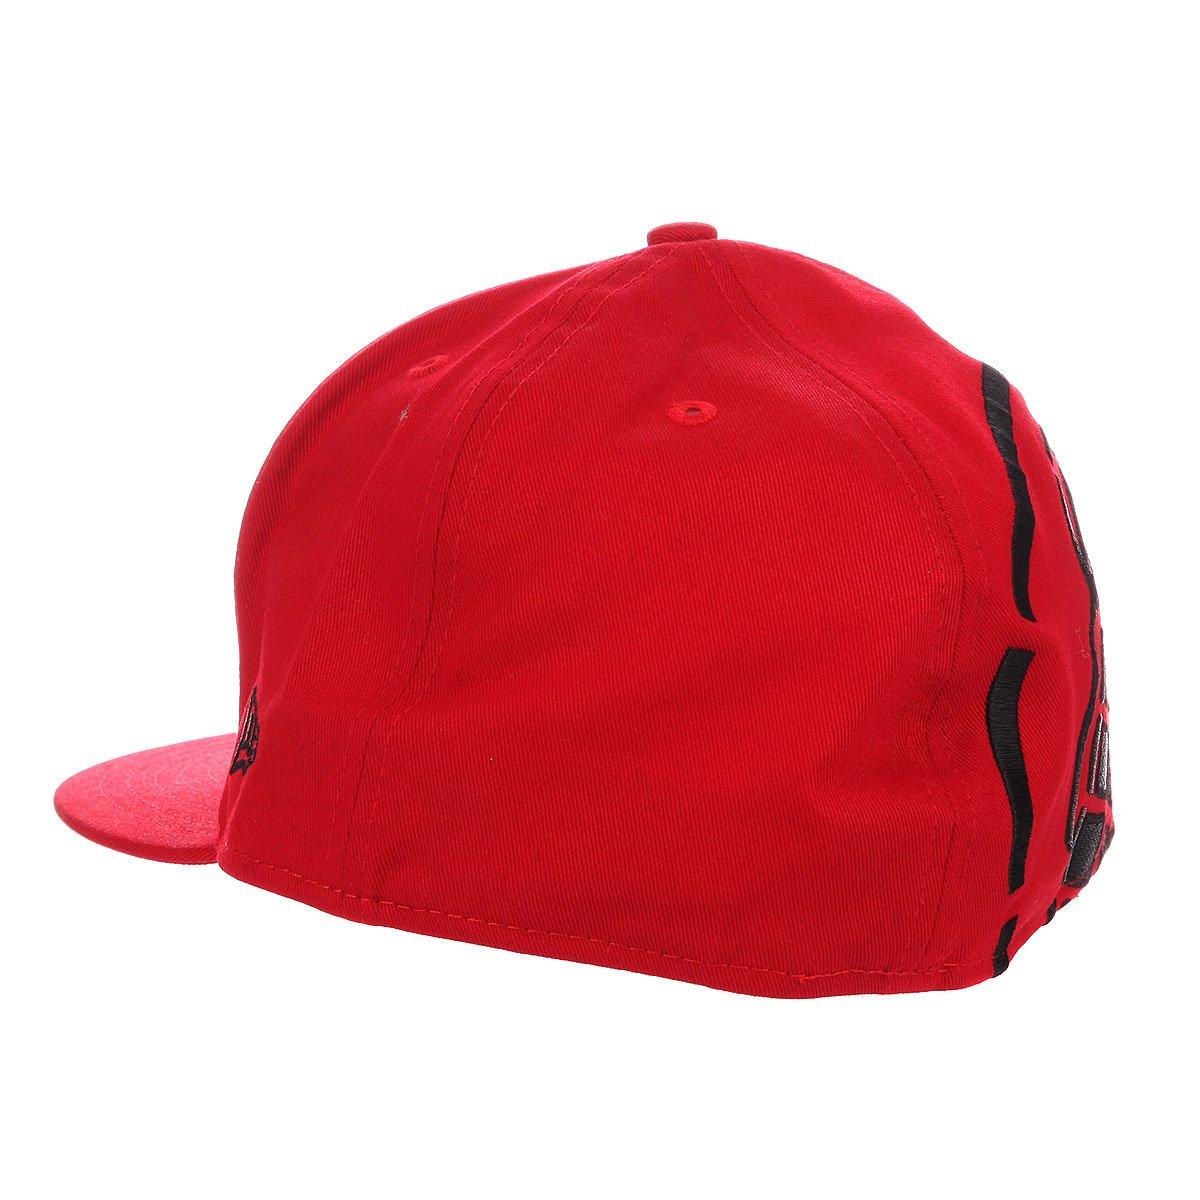 Бейсболка New Era Grenade Rear Cropper NewEra Red/Black